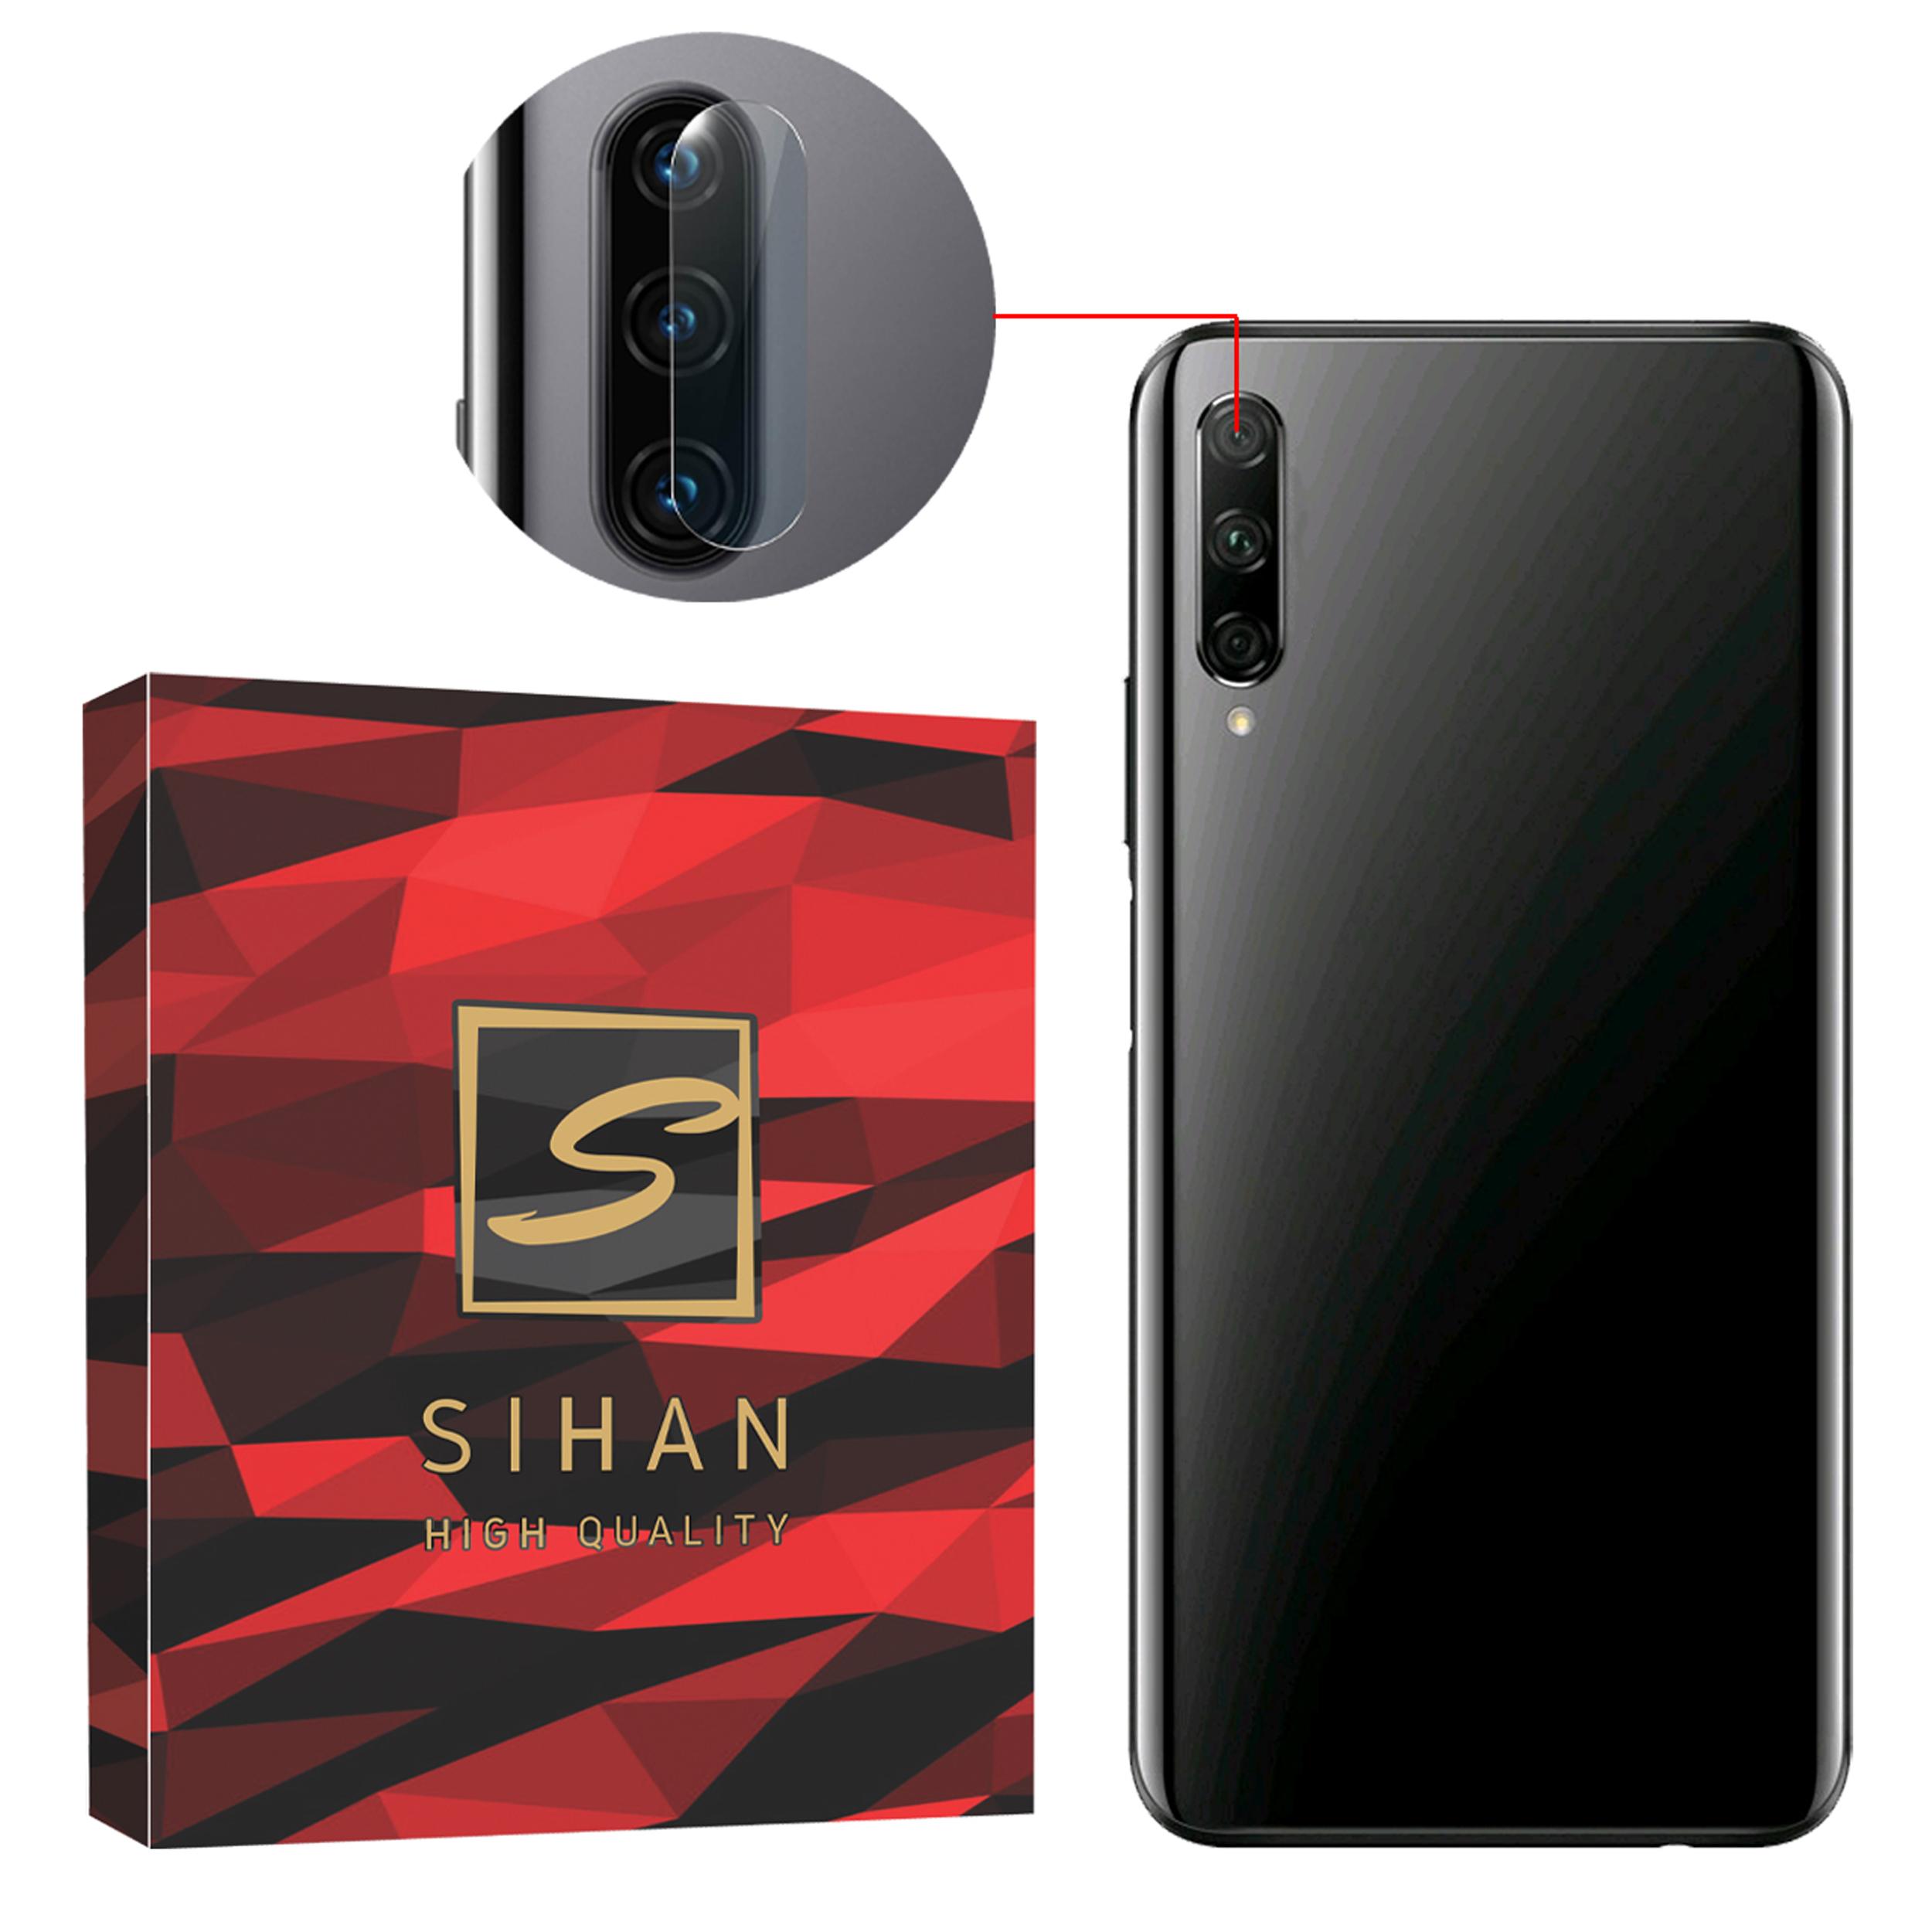 محافظ لنز دوربین سیحان مدل GLP مناسب برای گوشی موبایل هوآوی Y9s              ( قیمت و خرید)